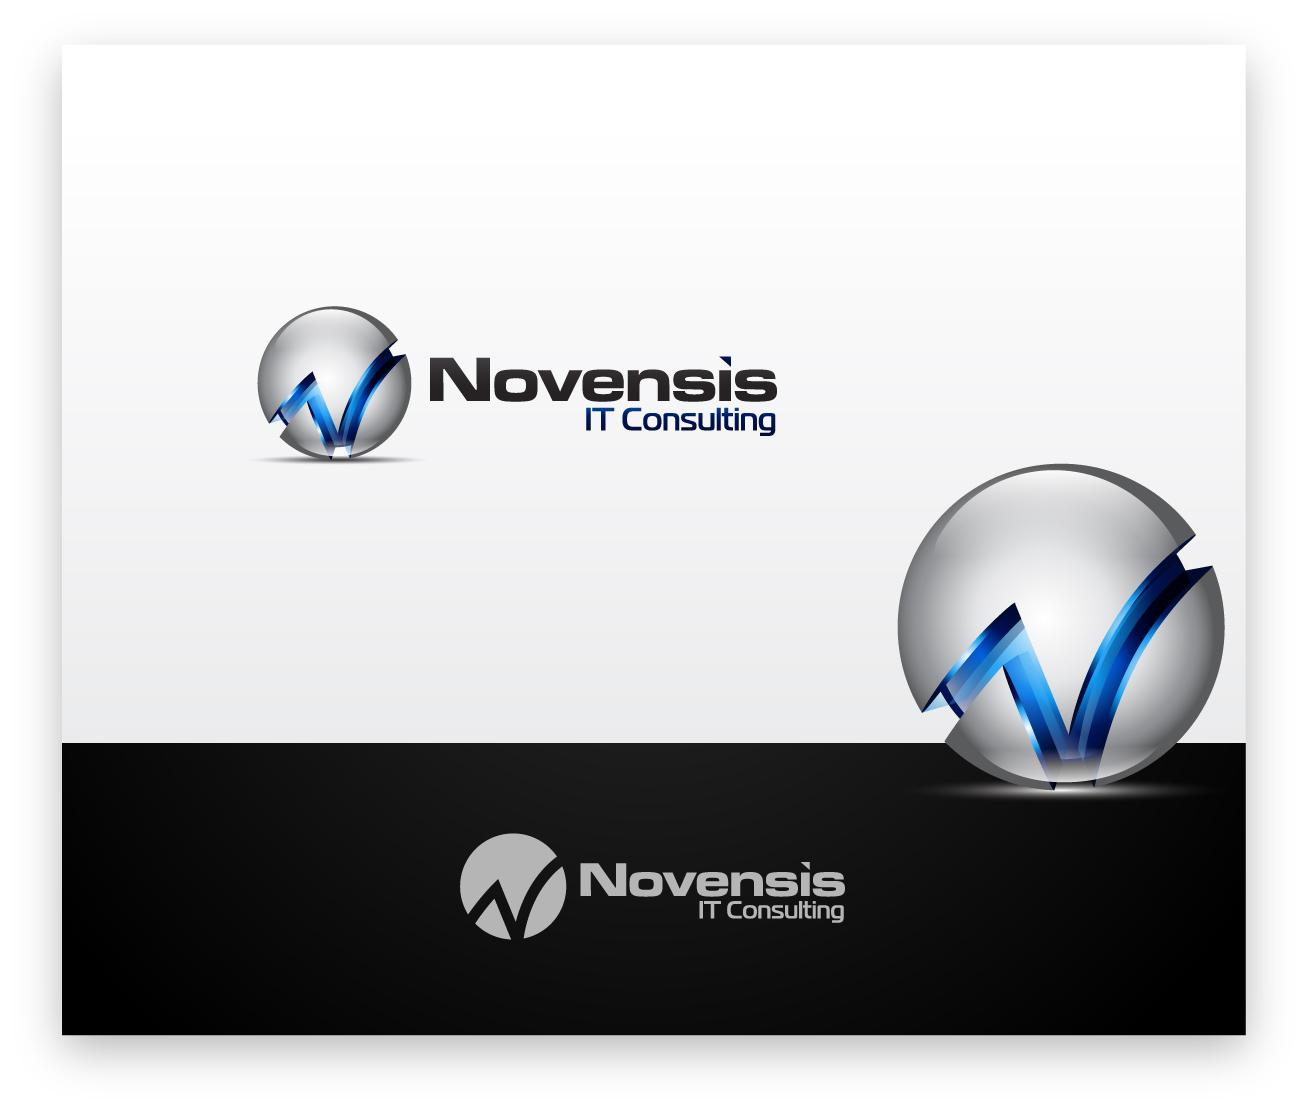 Logo Design by zoiDesign - Entry No. 171 in the Logo Design Contest Novensis Logo Design.